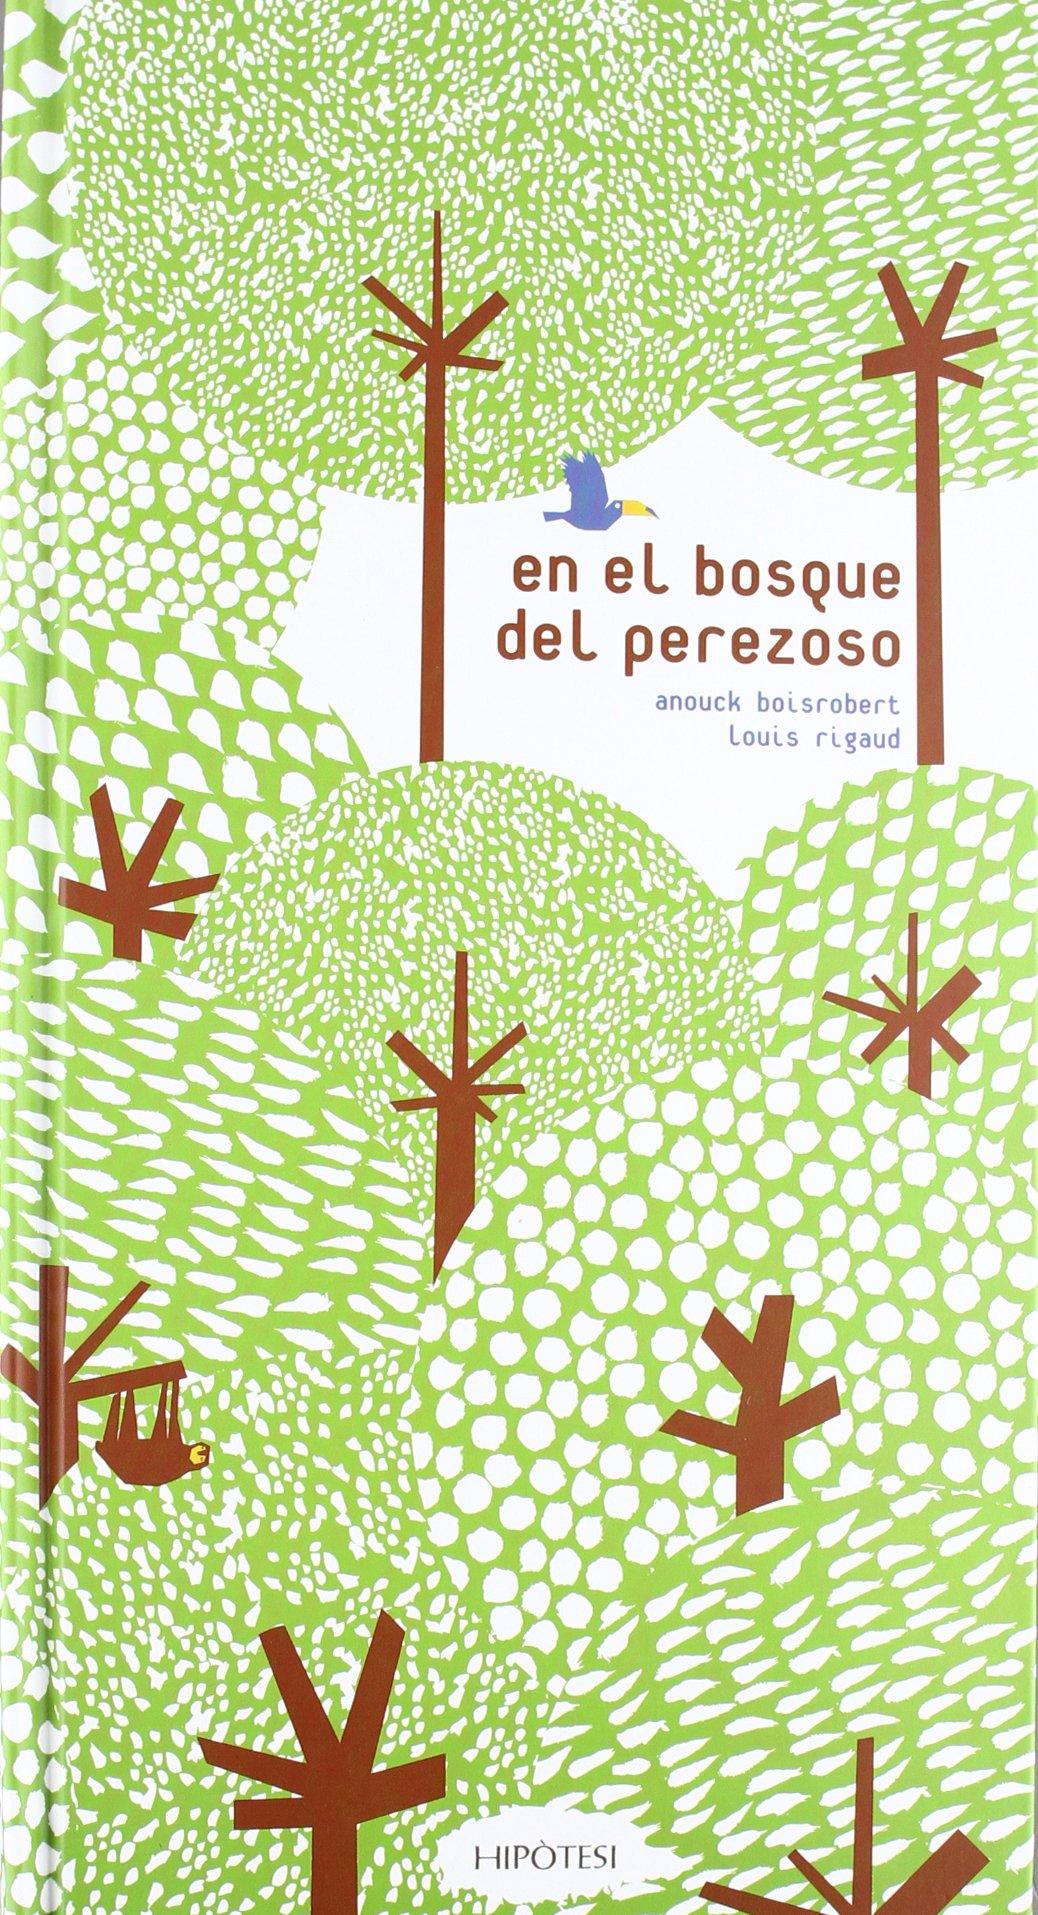 En el bosque del perezoso (Cuento (hipotesi)): Amazon.es: Strady, Sophie, Boisrobert, Anouck, Rigaud, Louis, Les Associés Réunis, Azara (FRANCIA), Pedro: Libros